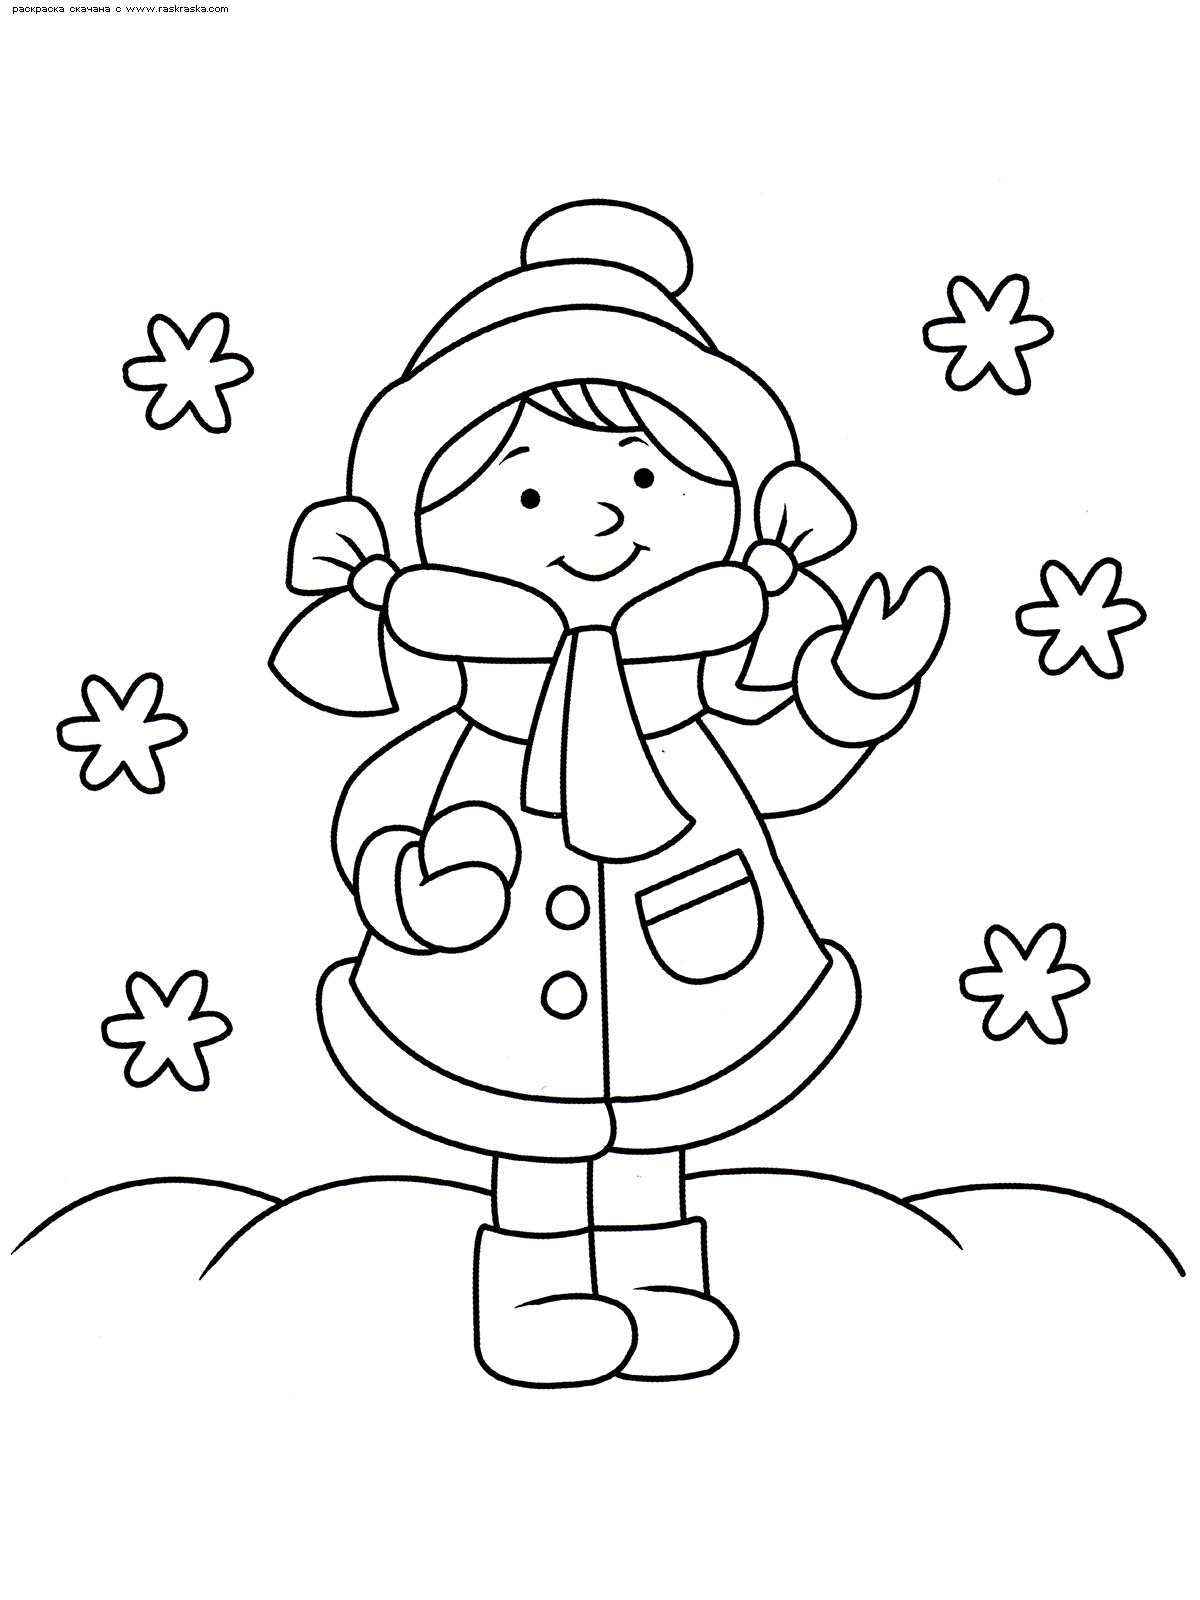 Раскраска Зима. Раскраска зима, девочка, снежинки